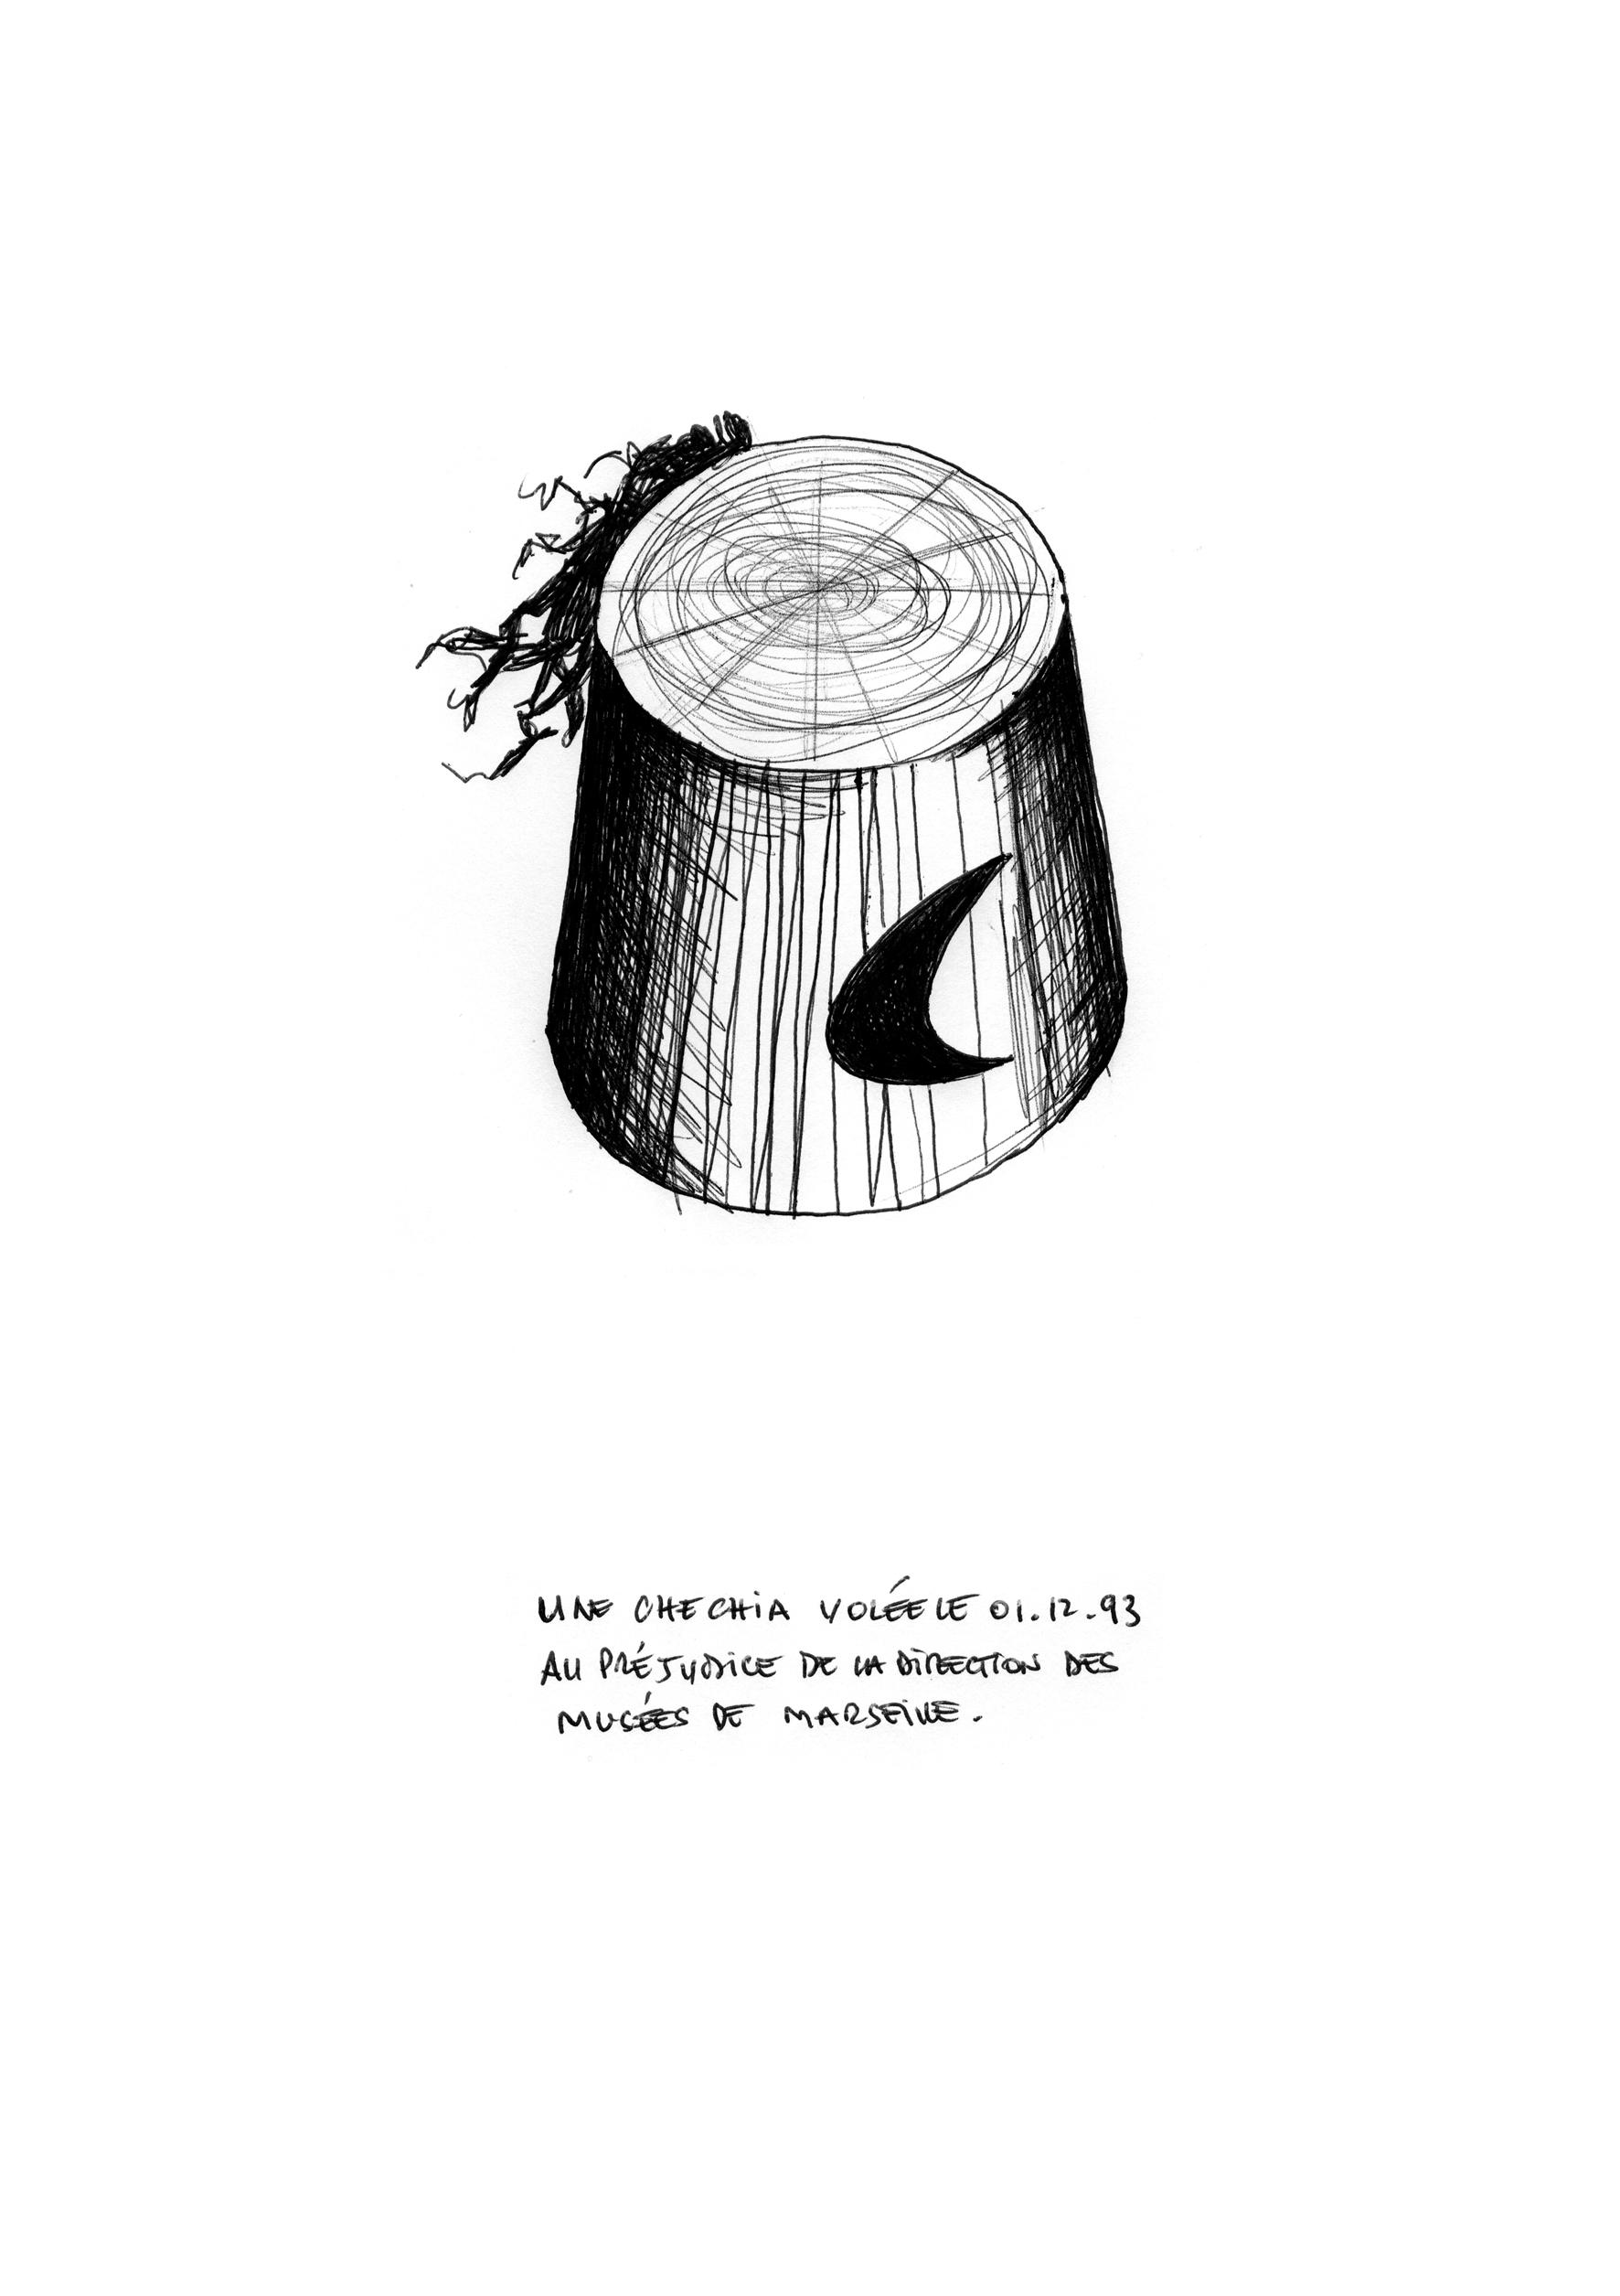 Further replica – @Tout ce dont je me souviens, série de 36 dessins (21 x 29,7)